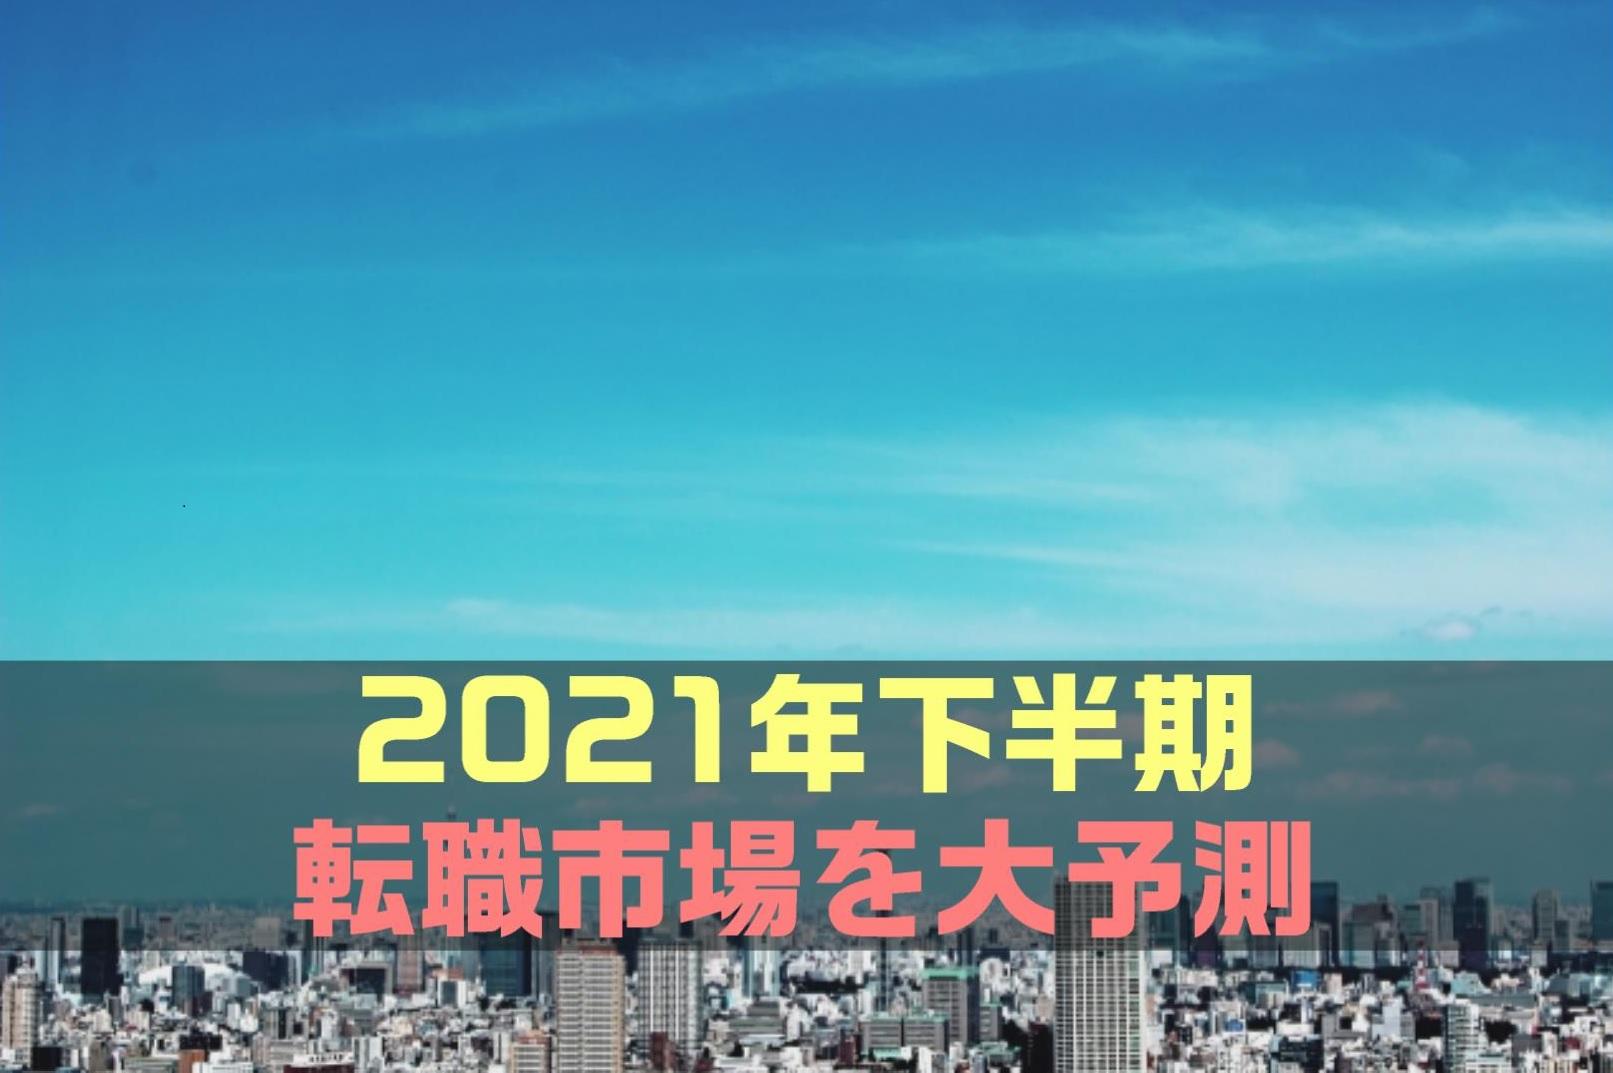 【最新版】2021年下半期(7月~12月)の転職市場を大予測